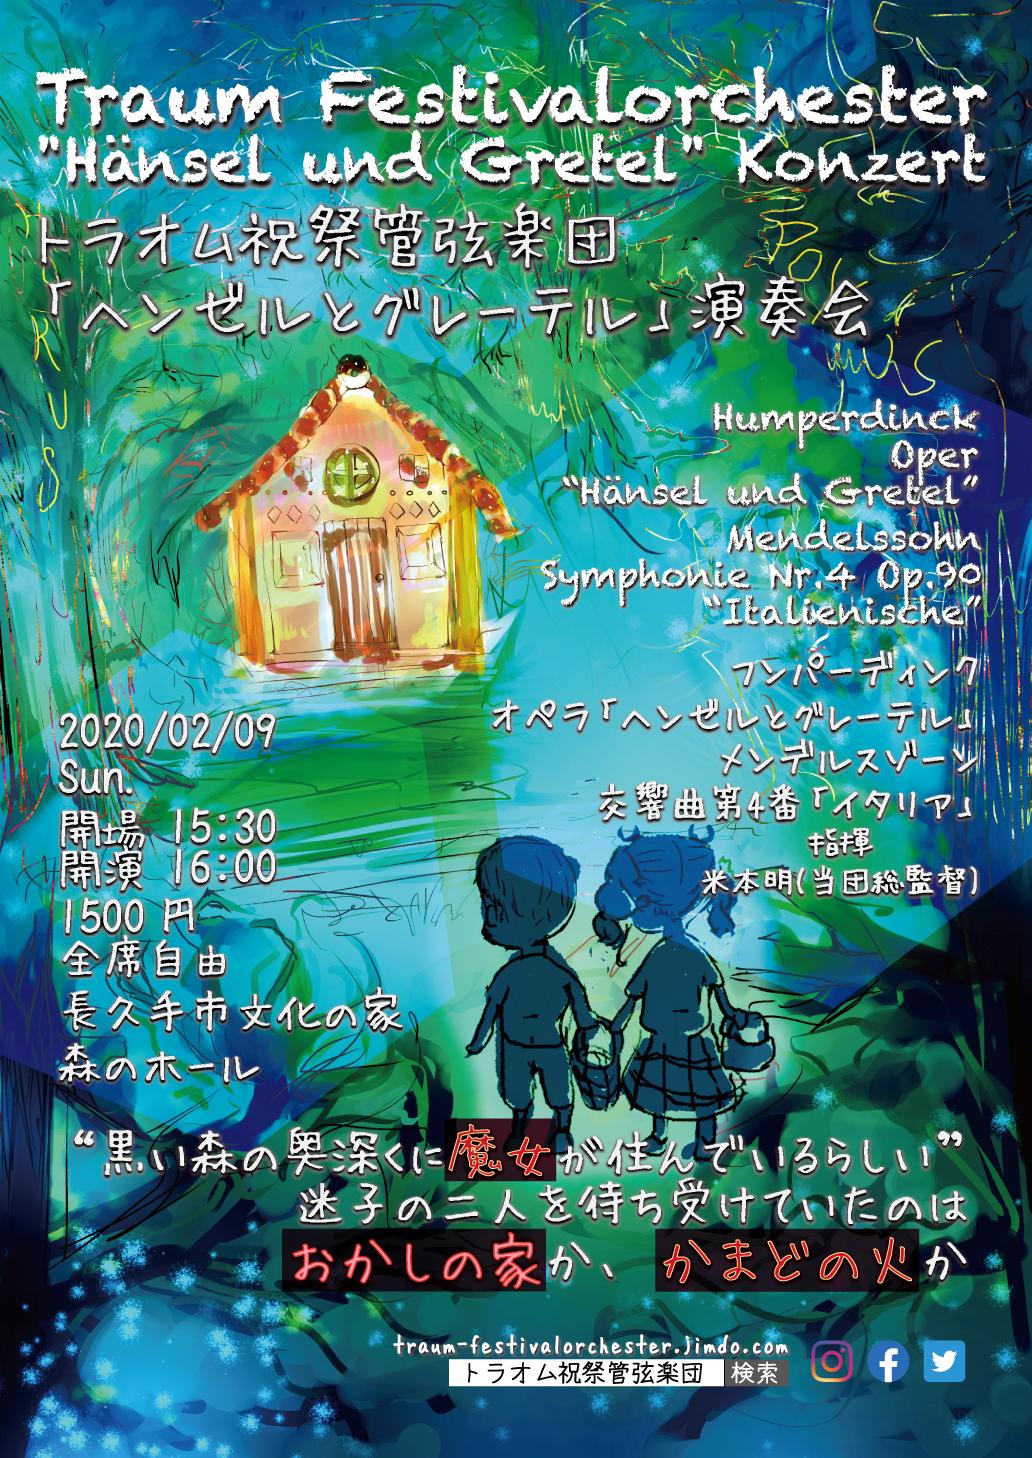 トラオム祝祭管弦楽団『ヘンゼルとグレーテル』演奏会